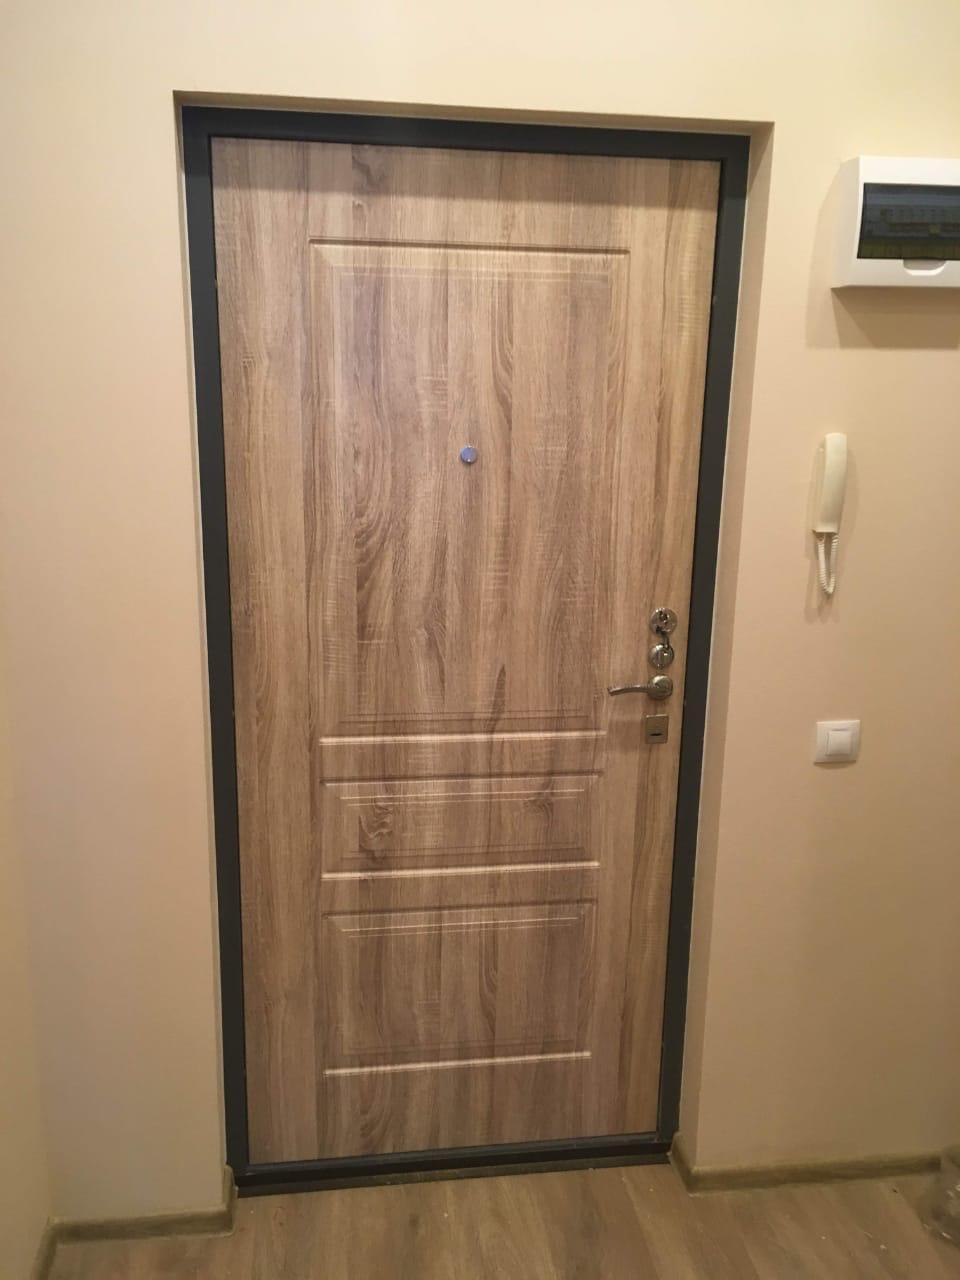 ремонт двери, установлены новые панели из МДФ, моноблок Cisa и дверные ручки